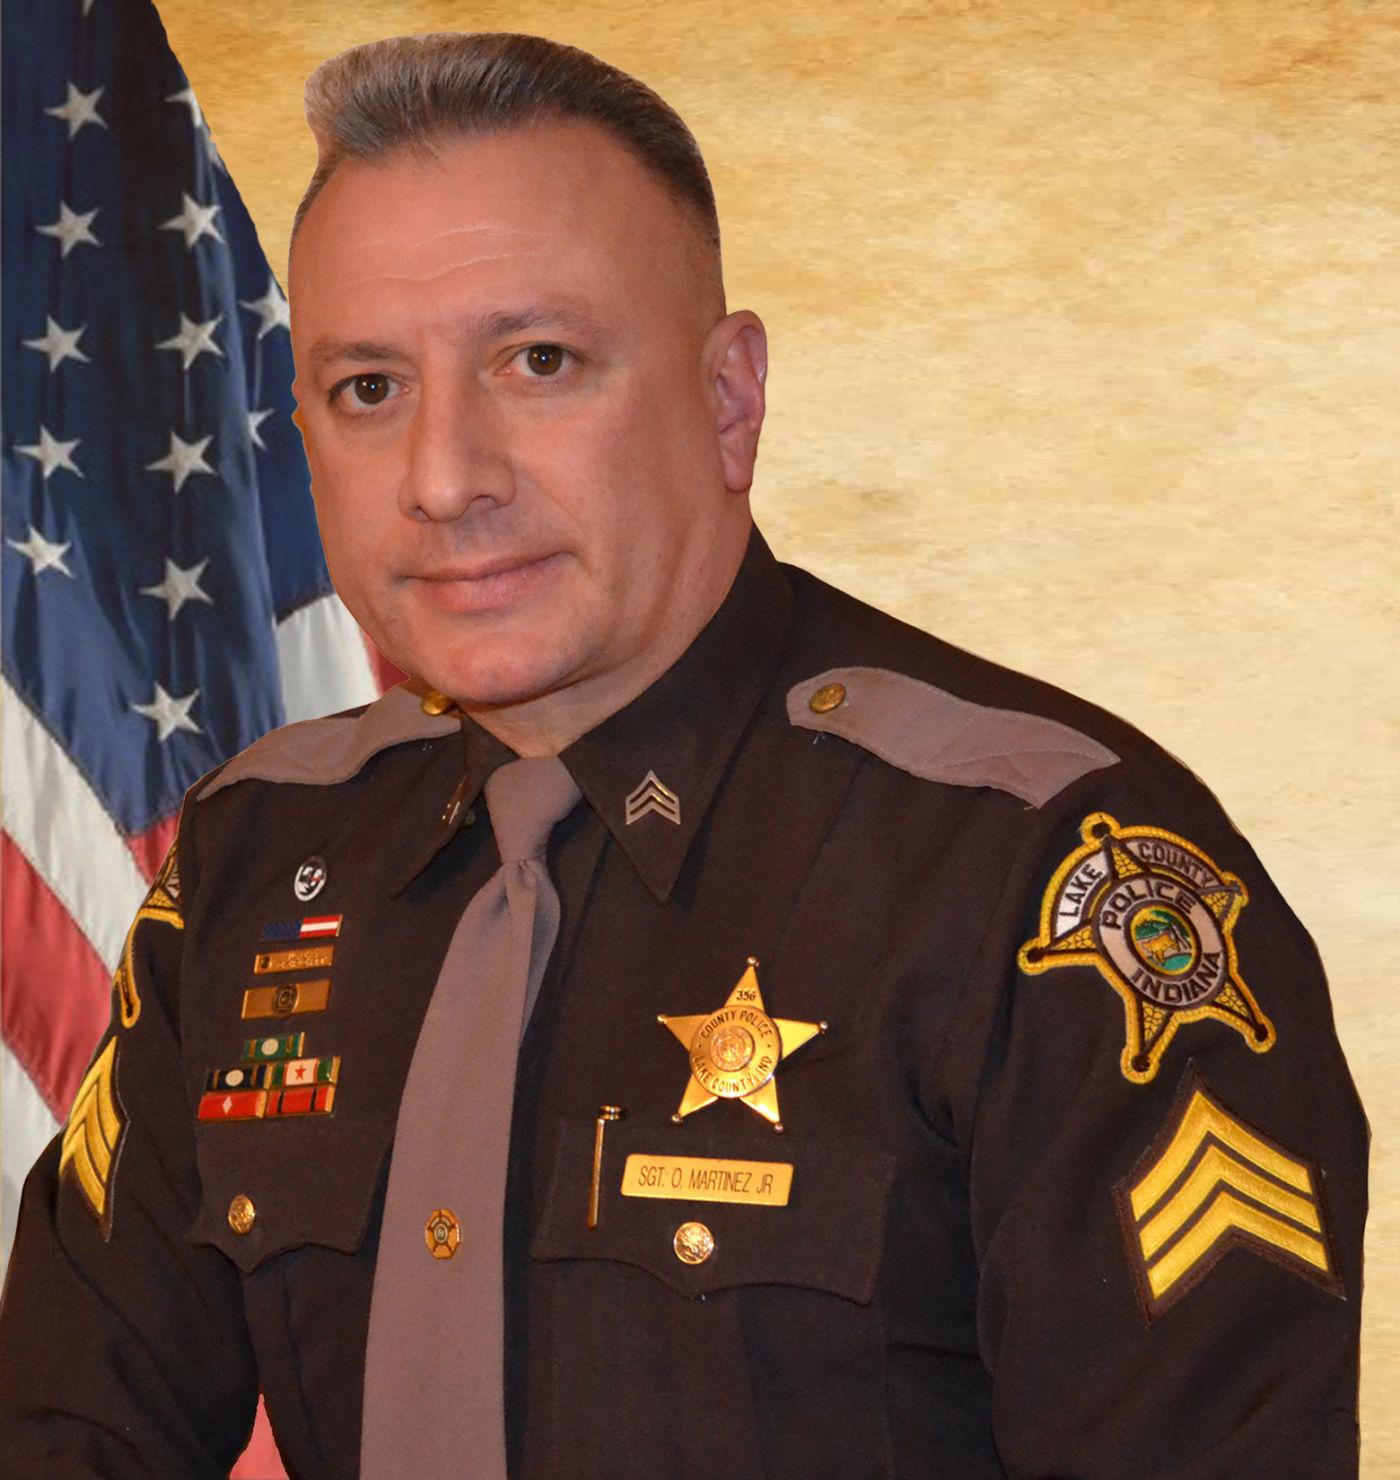 Lake County Police Sgt Oscar Martinez New